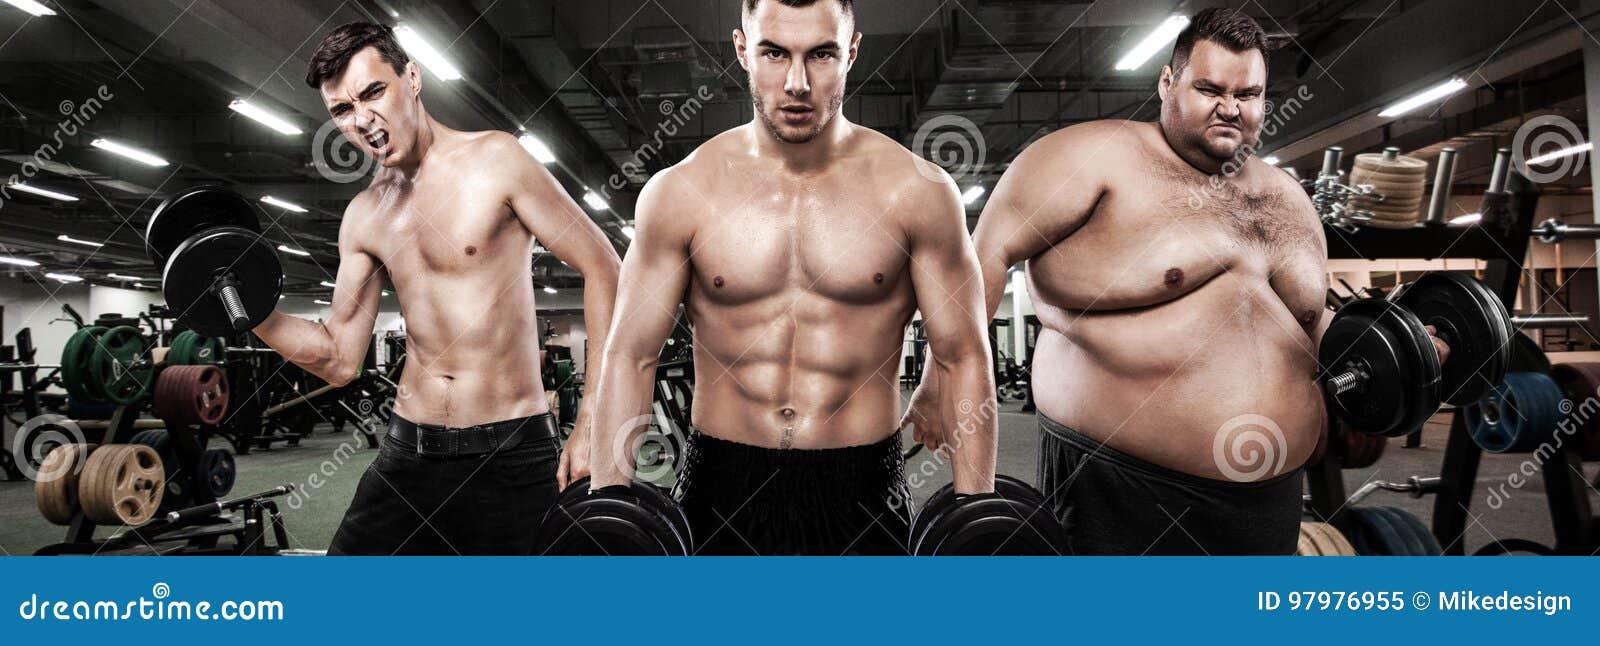 Fett, passform och idrotts- män Ectomorph, mesomorph och endomorph begrepp isolerad sportwhite Före och efter resultat Grupp av t